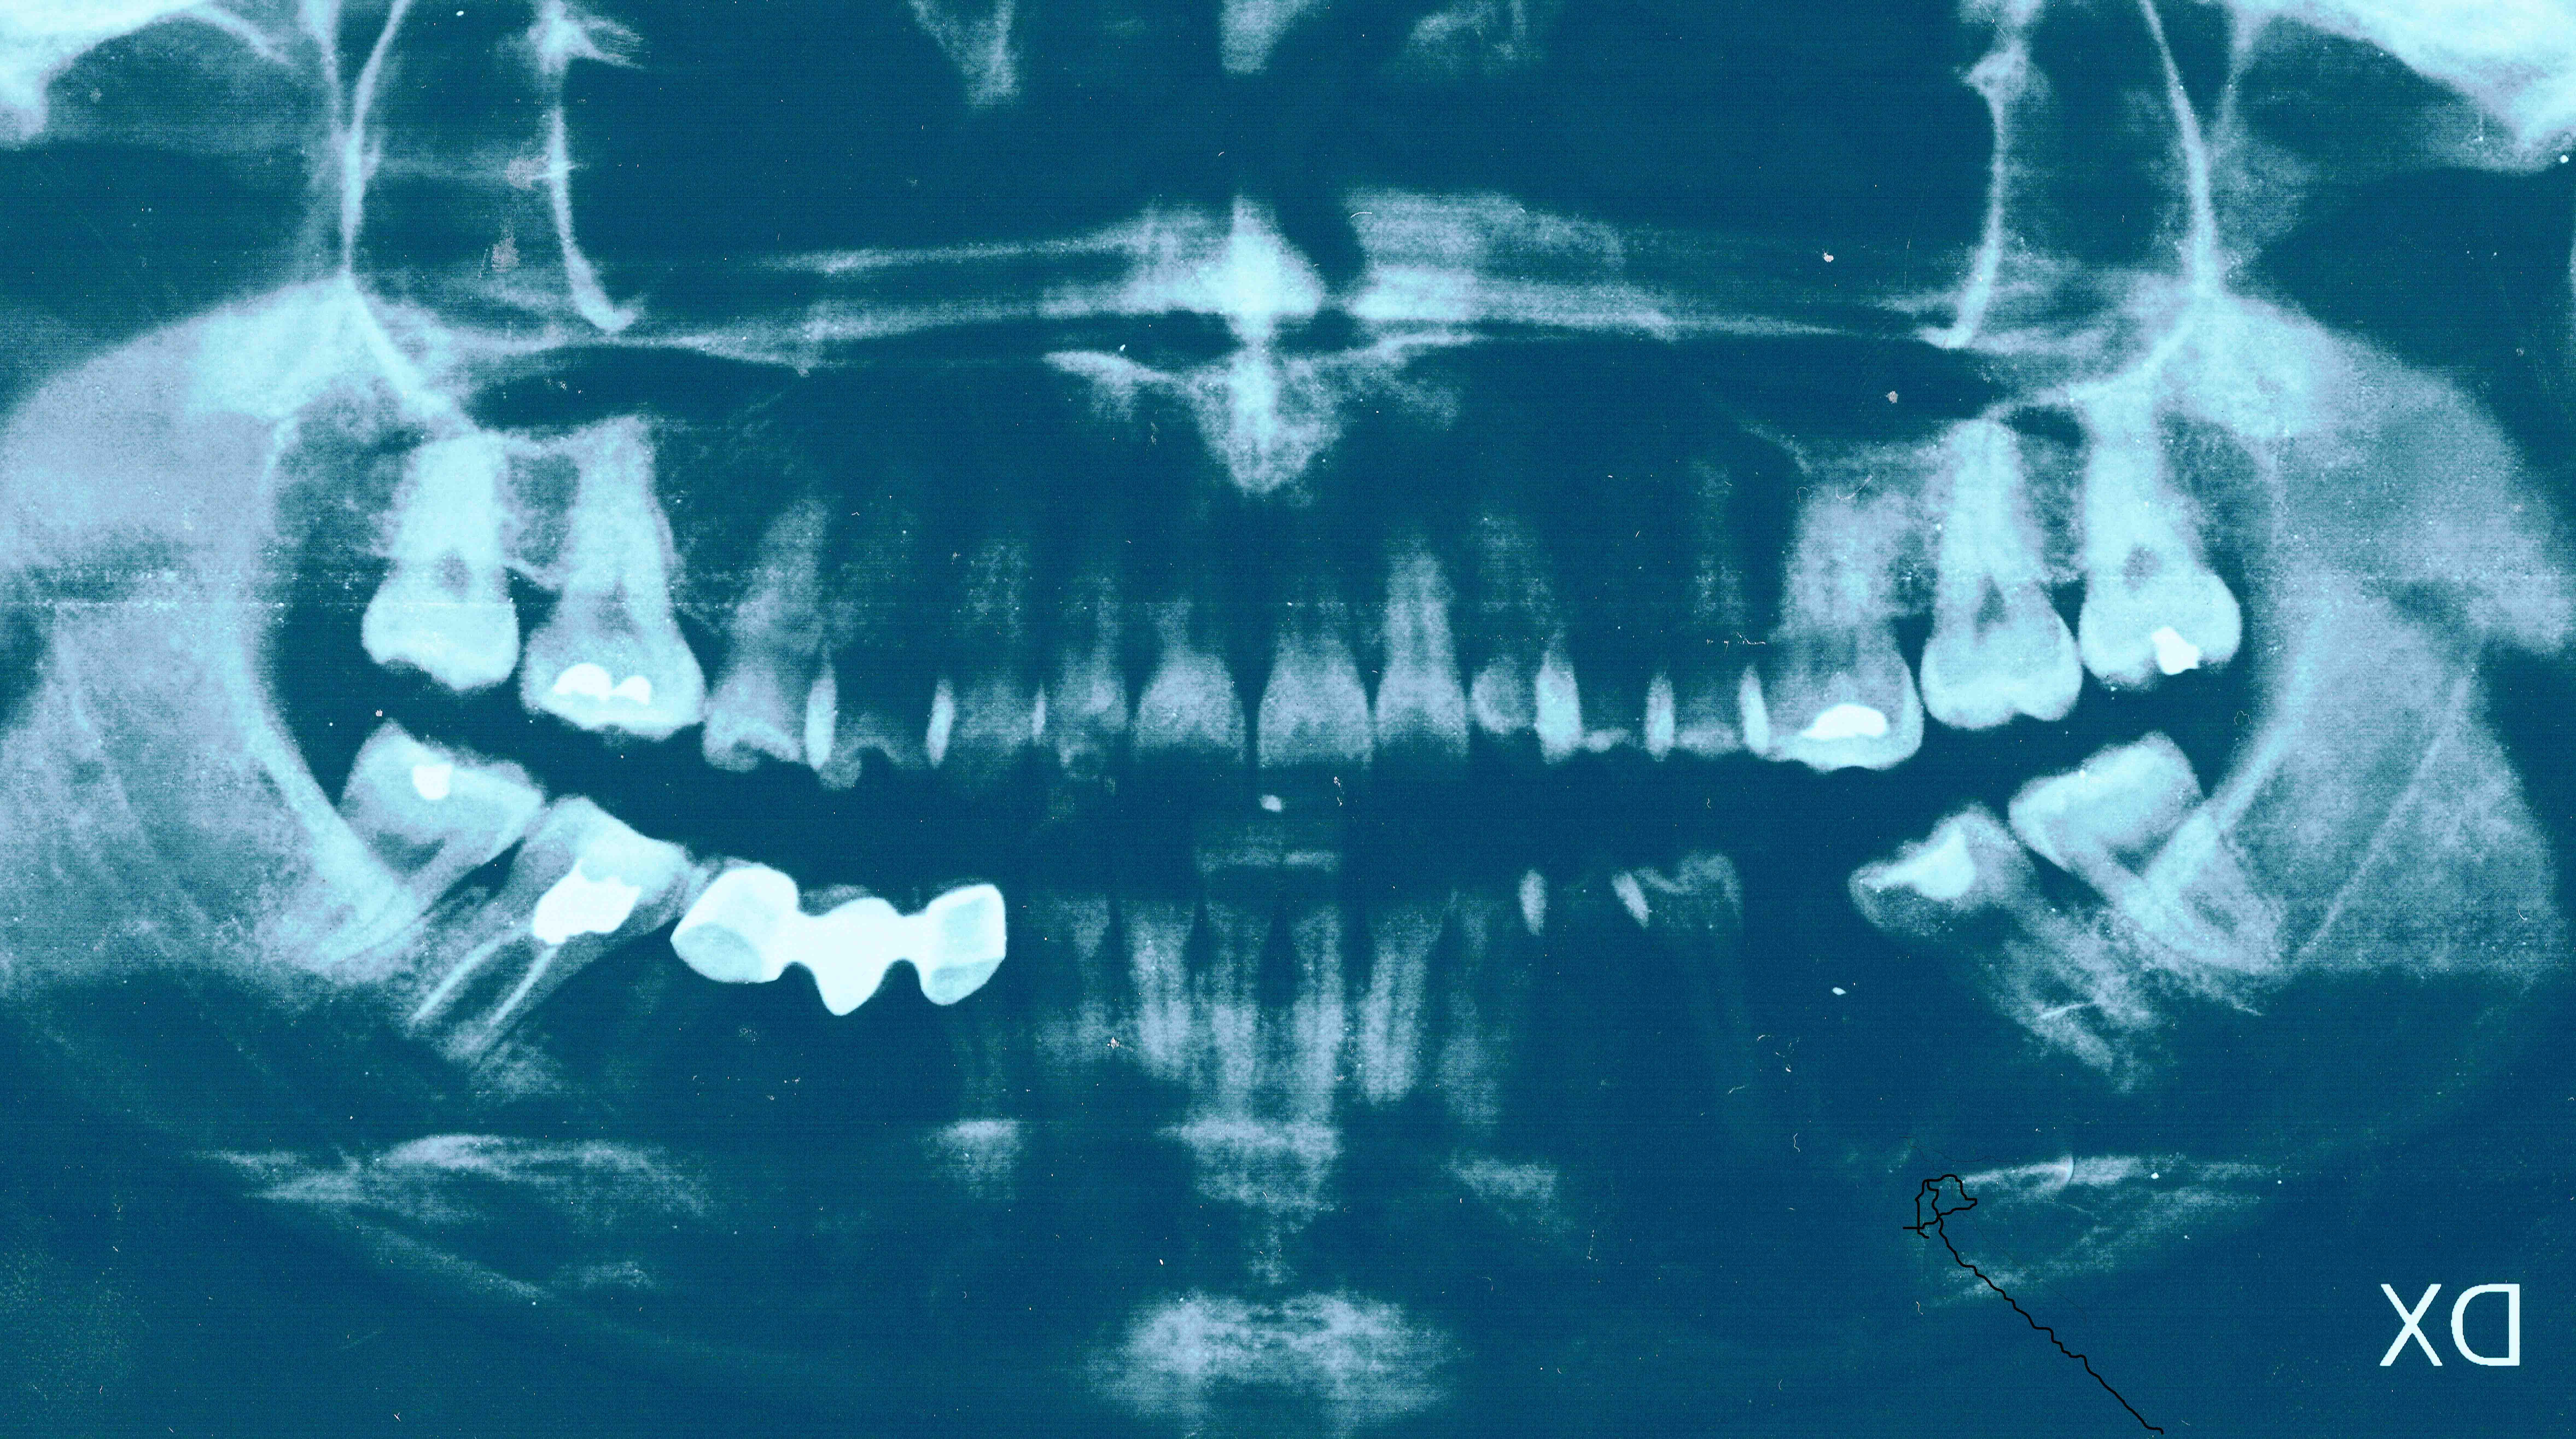 Seguito alla domanda: Anni fa mi è stato estratto un molare in quanto si evidenziava una grossa ciste